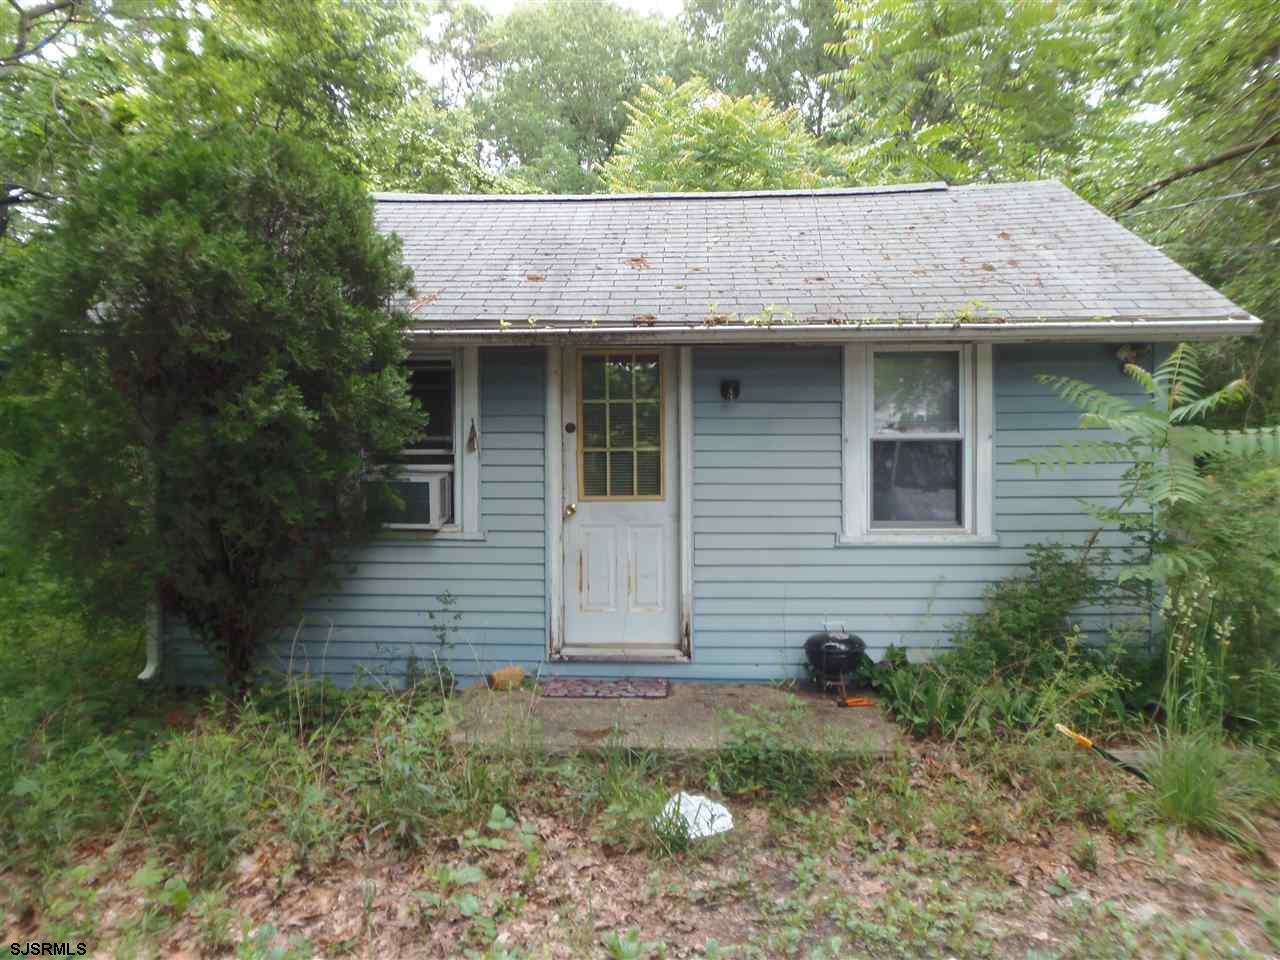 6632 Black Horse Pike, Egg Harbor Township, NJ 08234